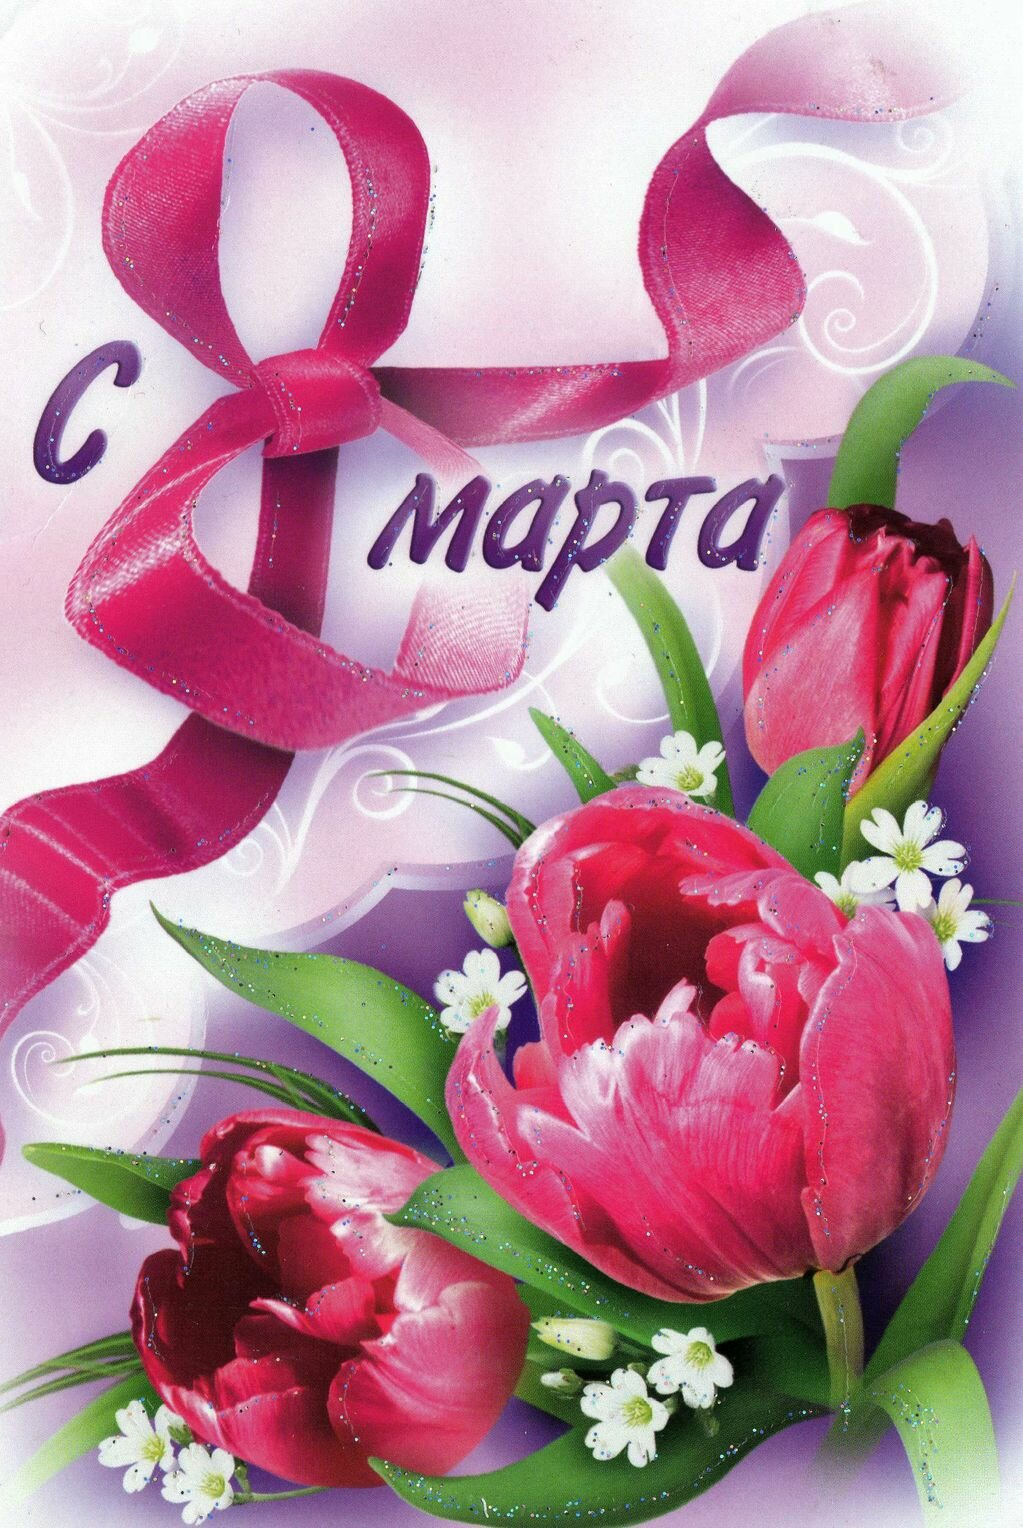 Картинки для поздравления с восьмым мартом